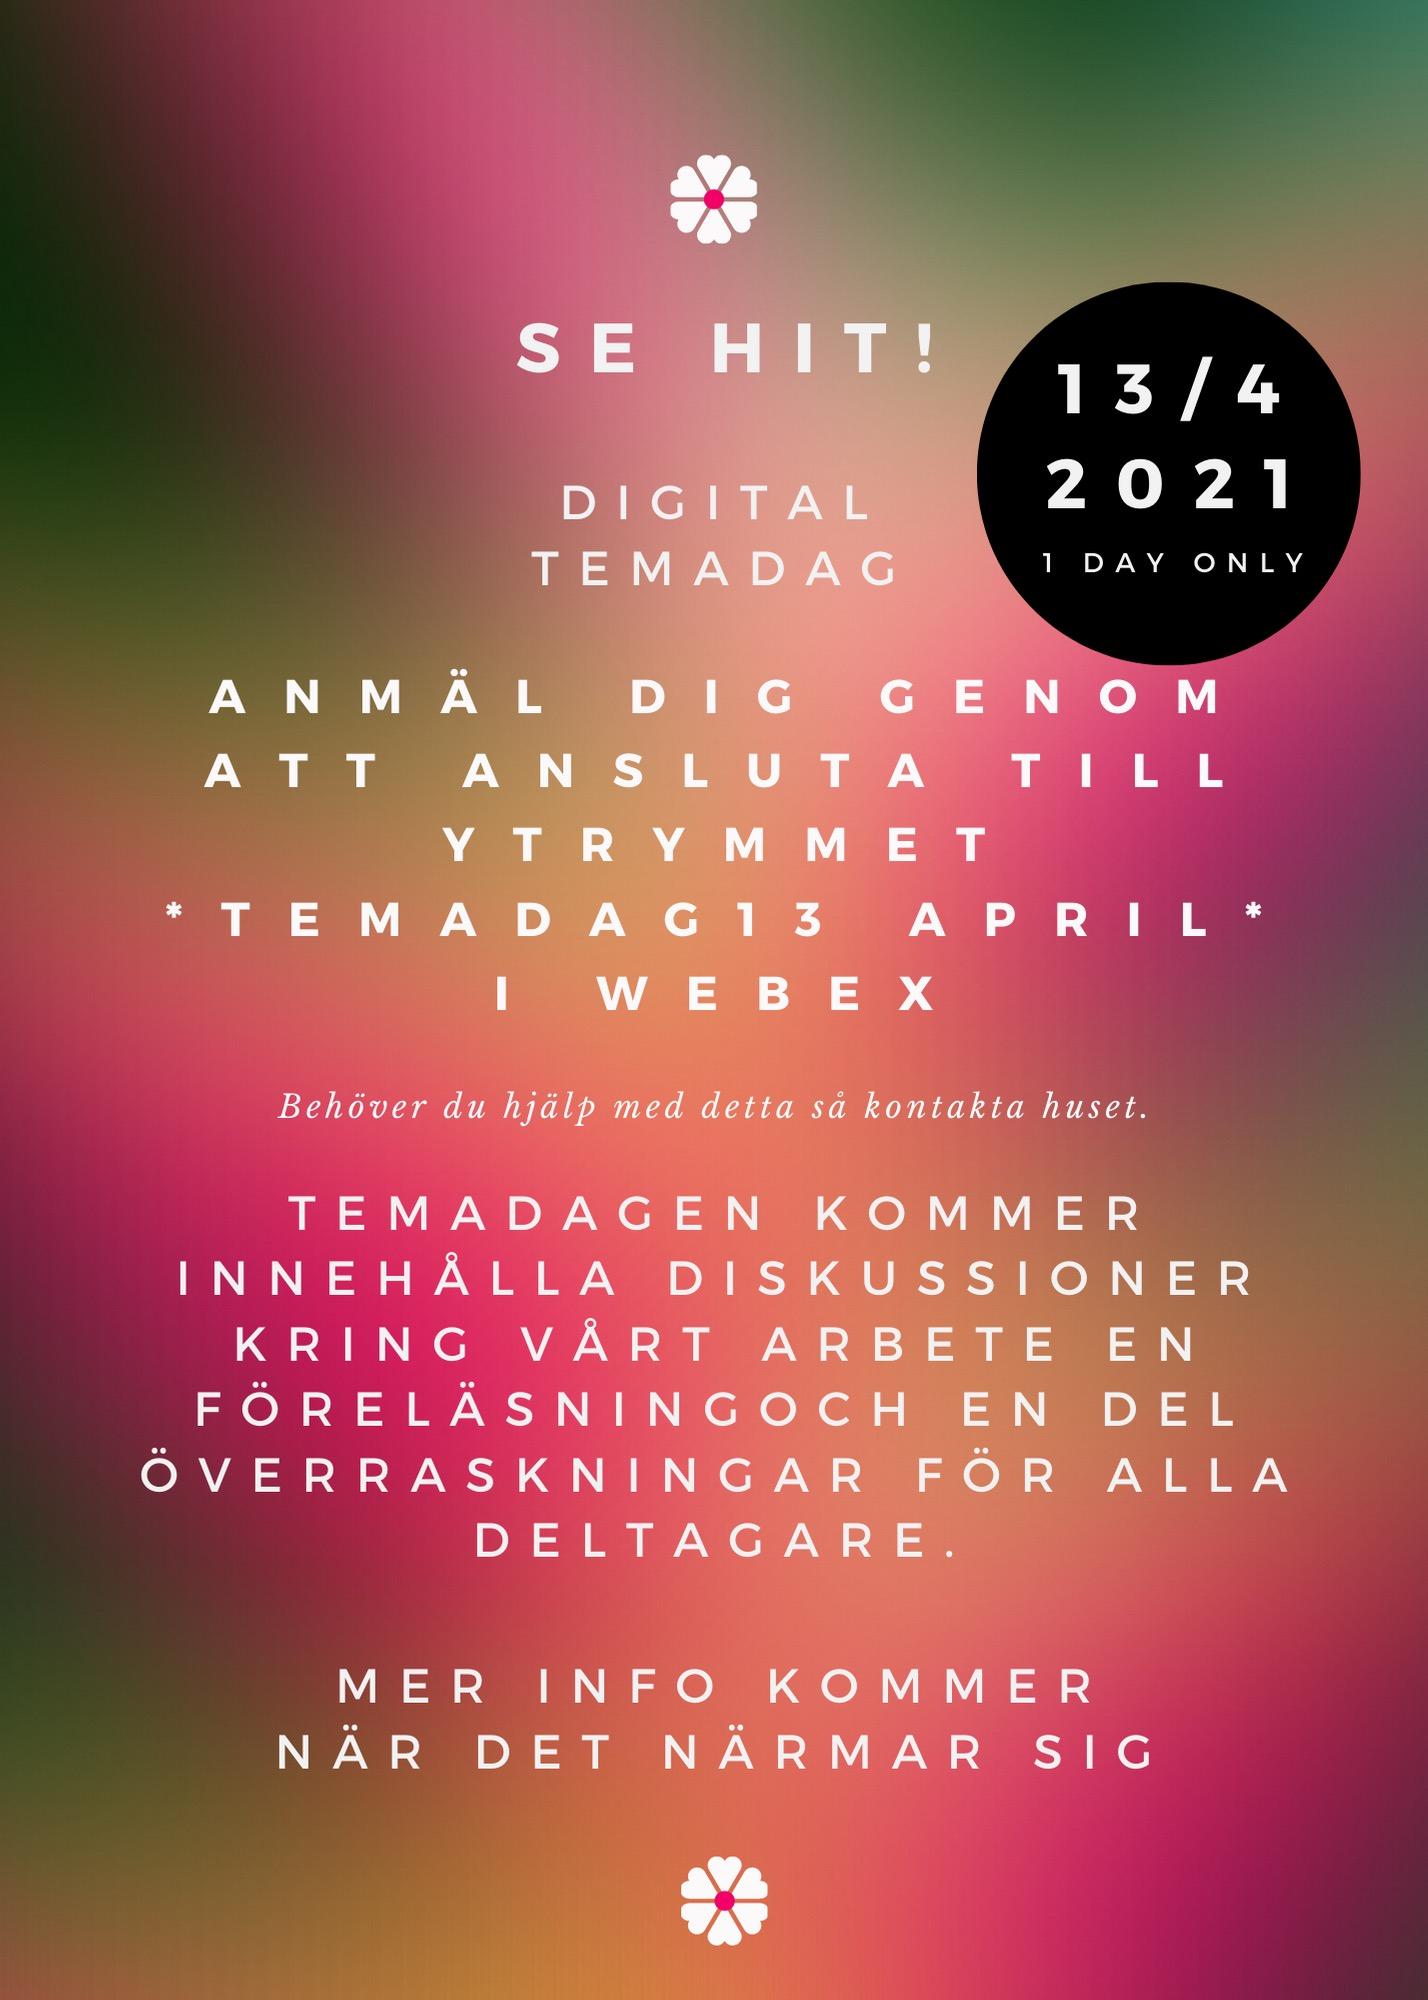 Digital Temadag 13/4